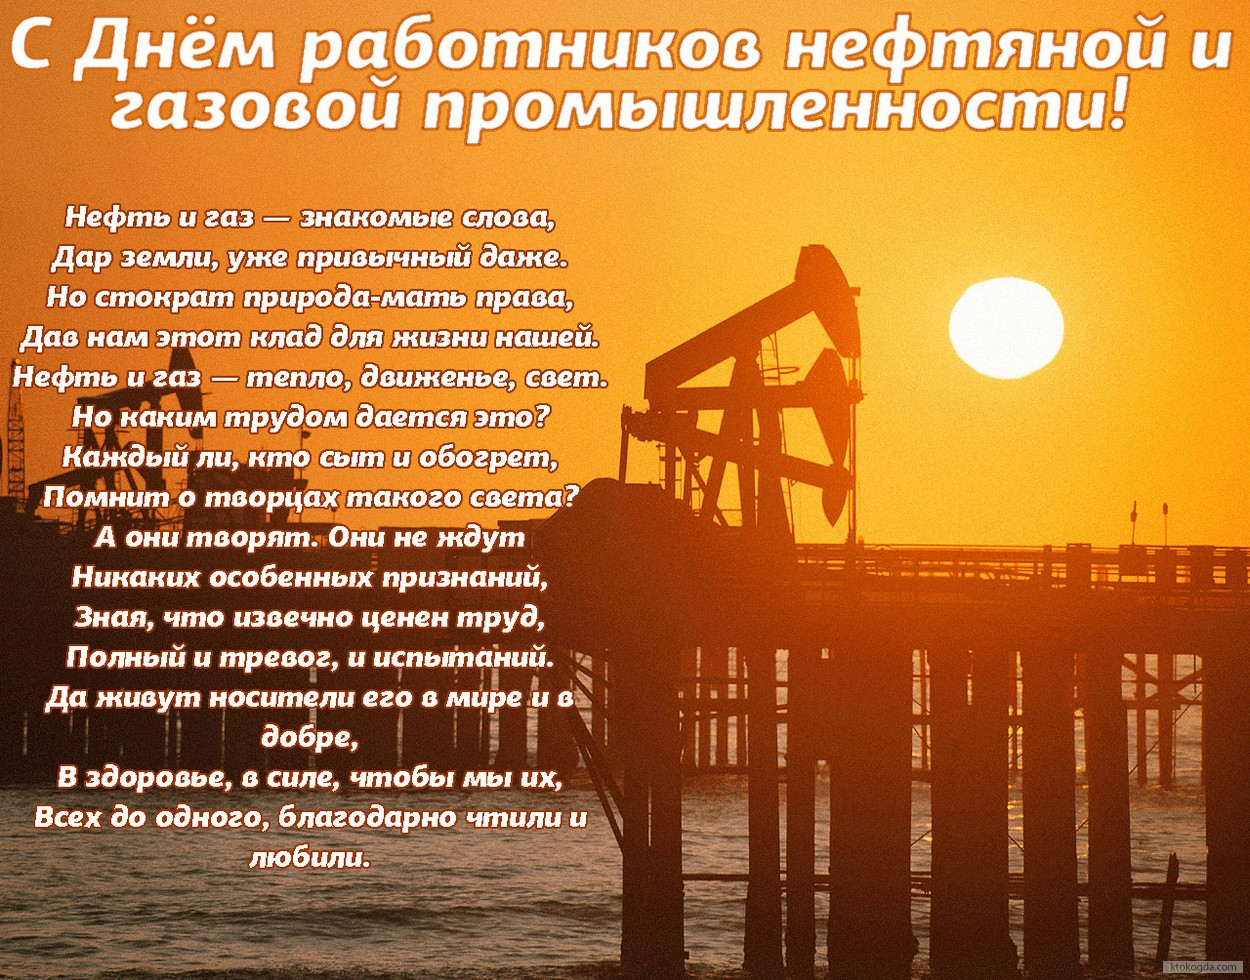 День нефтяной и газовой промышленности. Стихи-поздравление